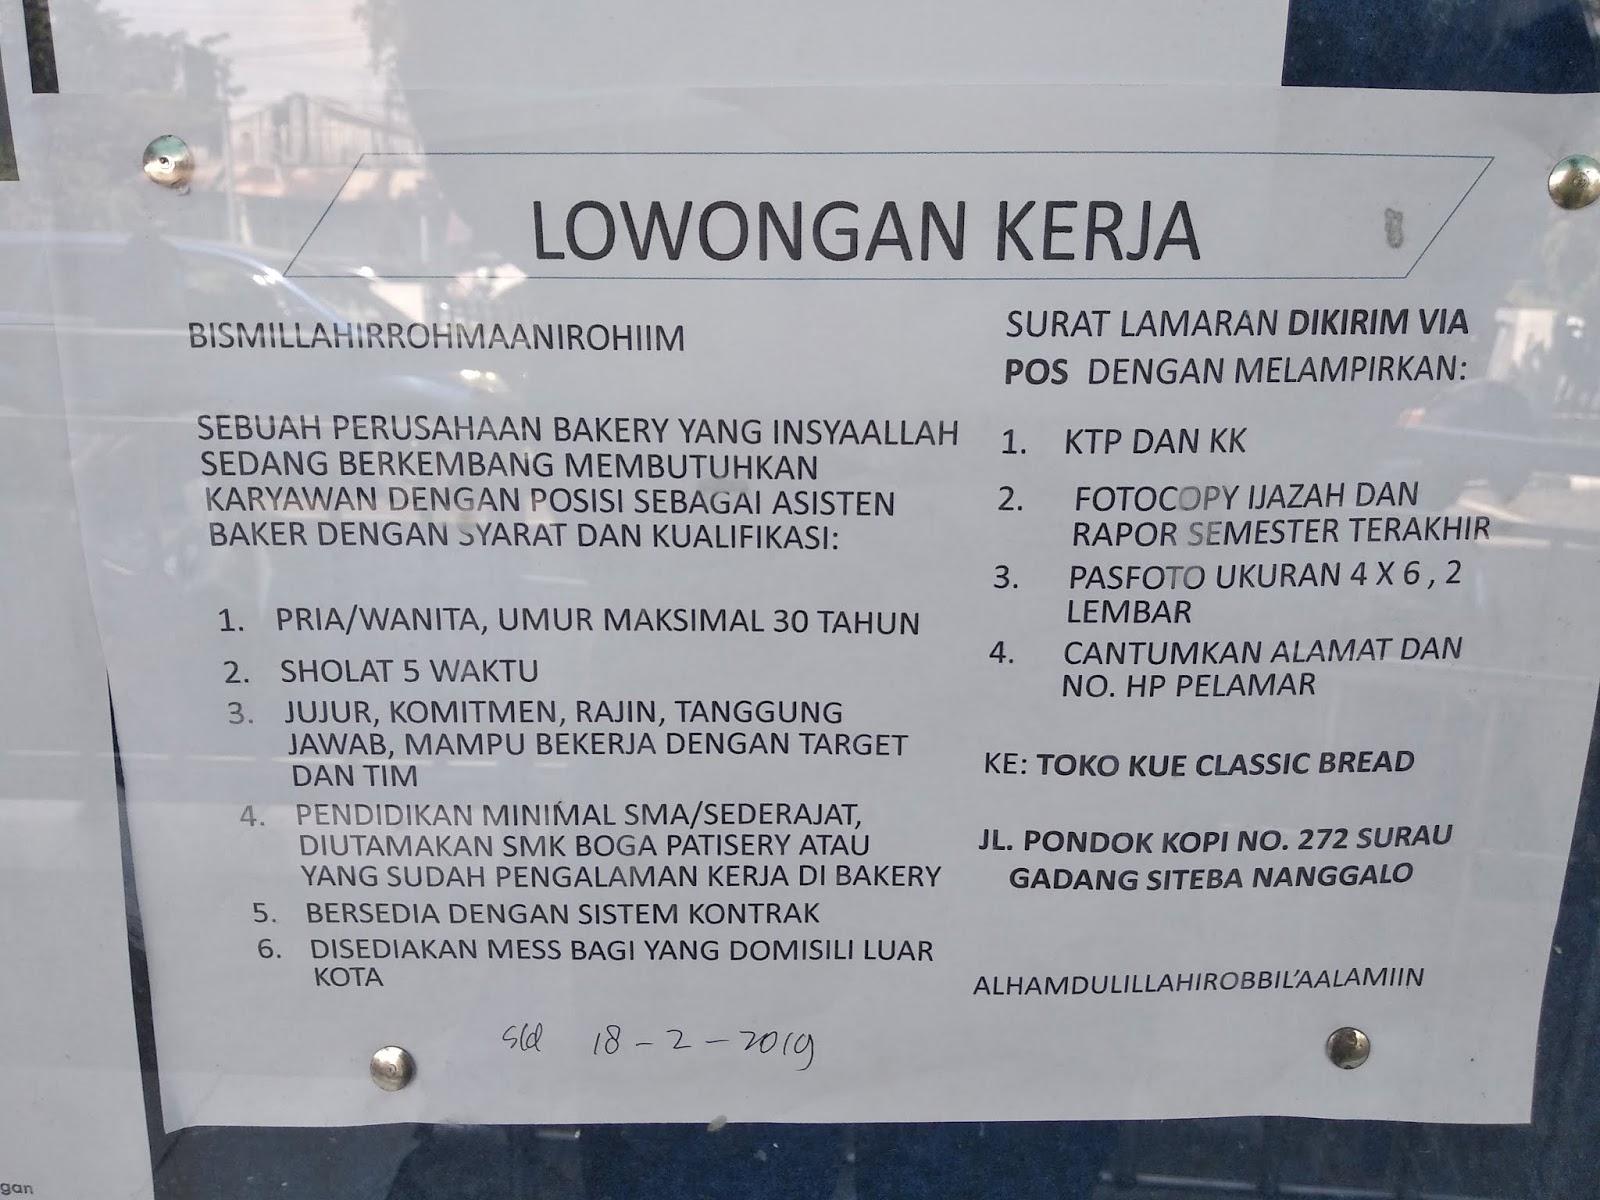 Lowongan Kerja Asisten Baker Area Padang Toko Kue Classic